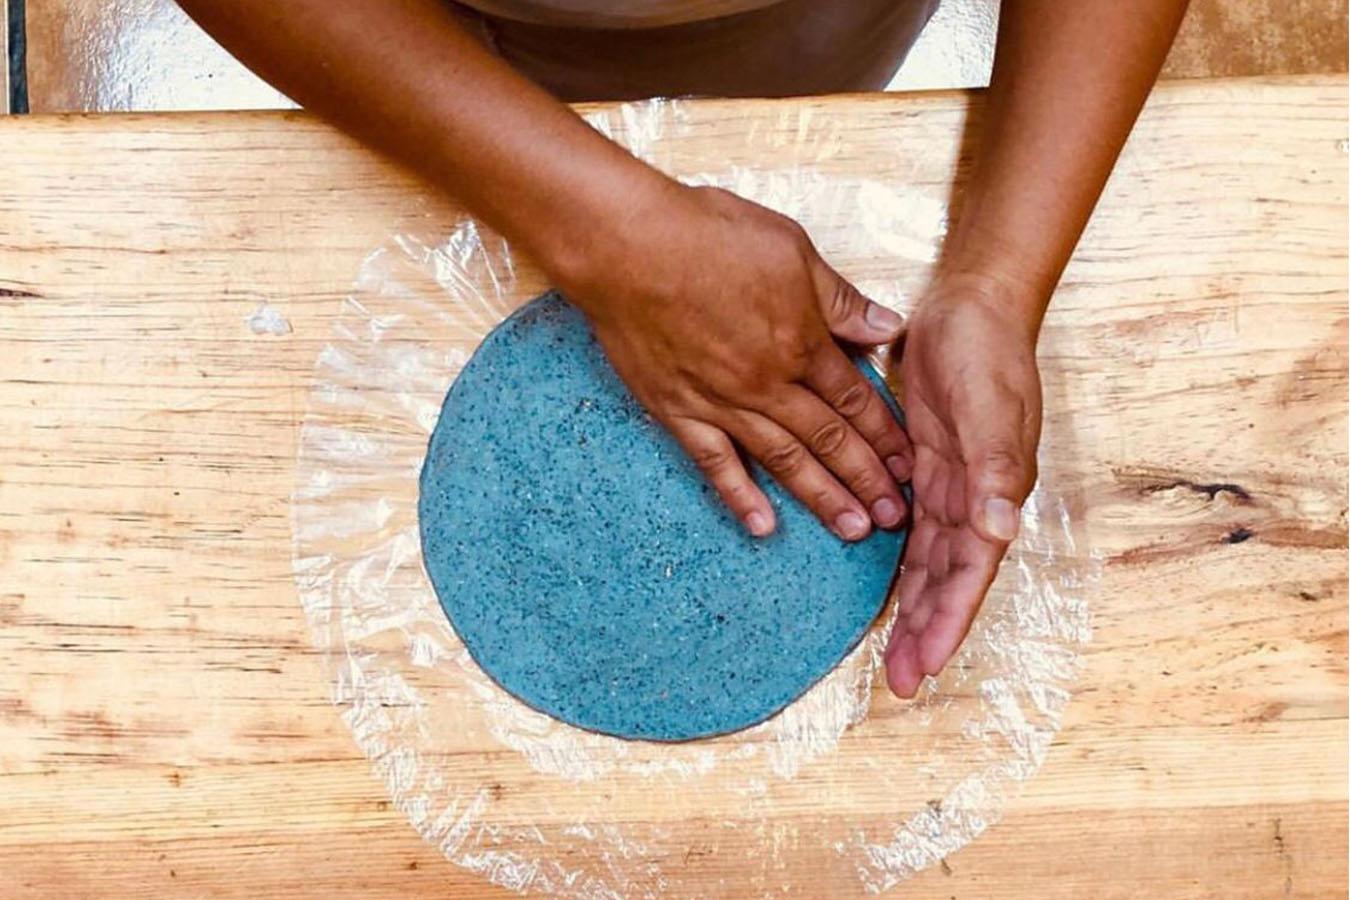 tortillas a mano tortilla azul tortillas artesanales tortillas de maiz criollo tortillería batsiwaj